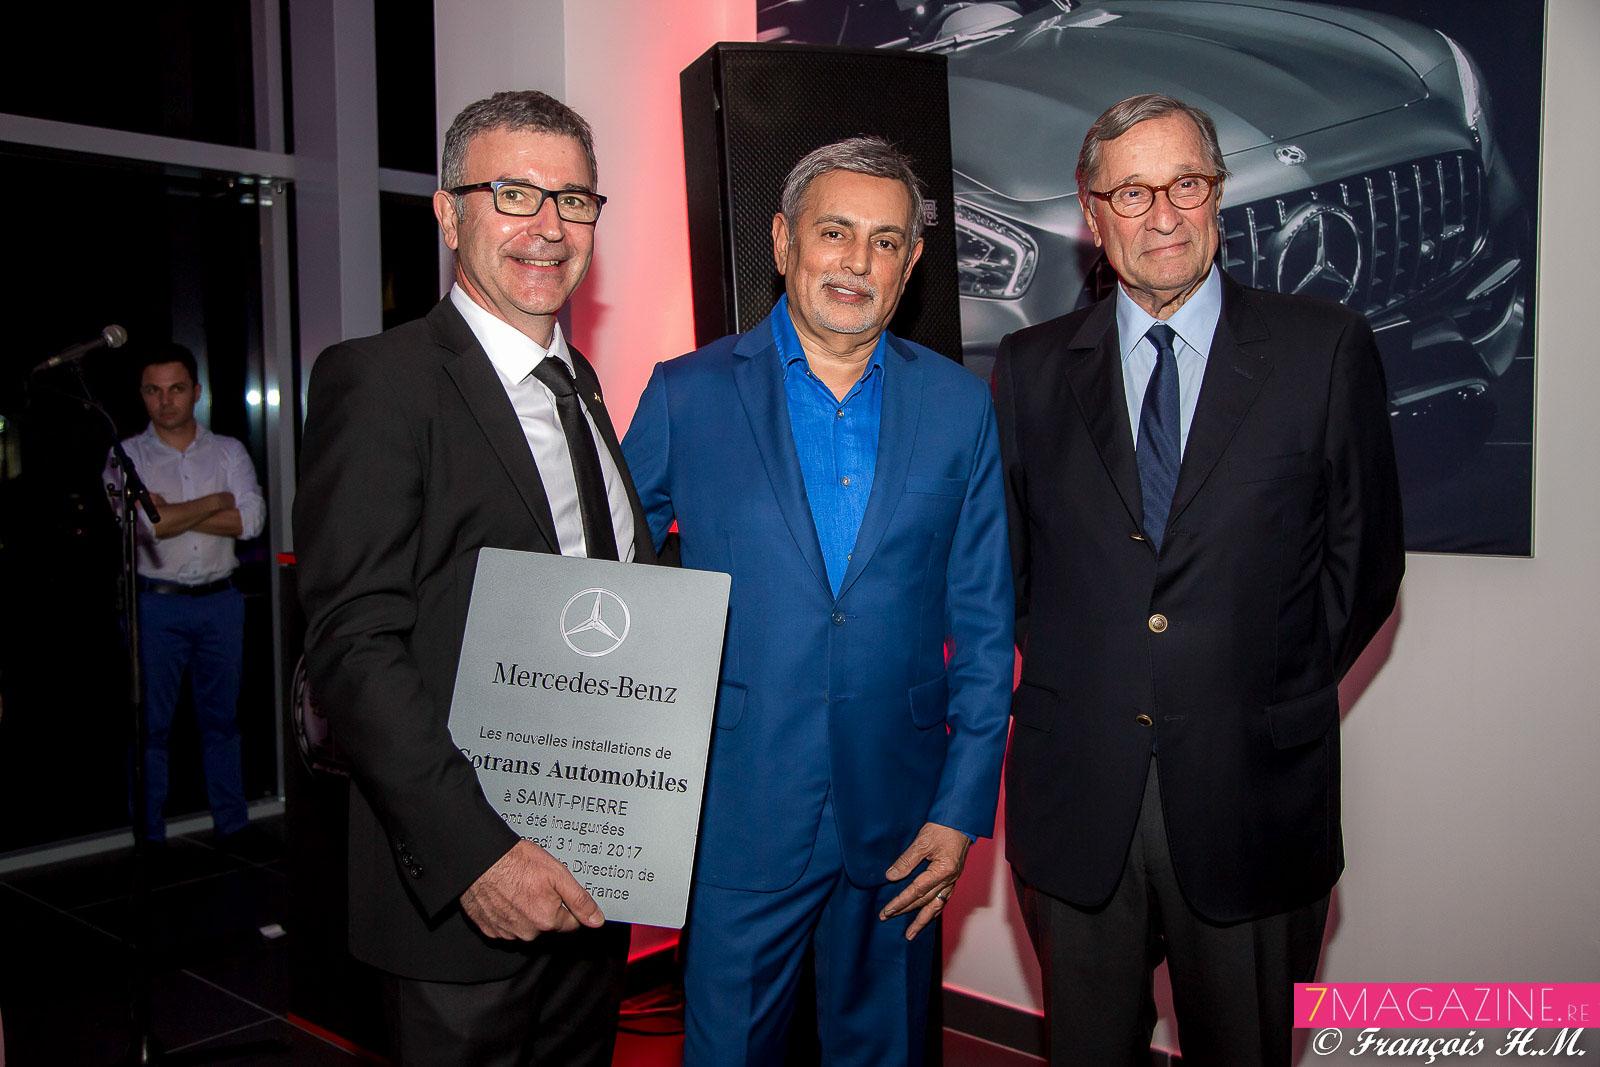 Didier Legendre, directeur de Mercedes Réunion, Youssouf Mohamed, directeur de Atlas et Crozatier, et Bernard Hayot